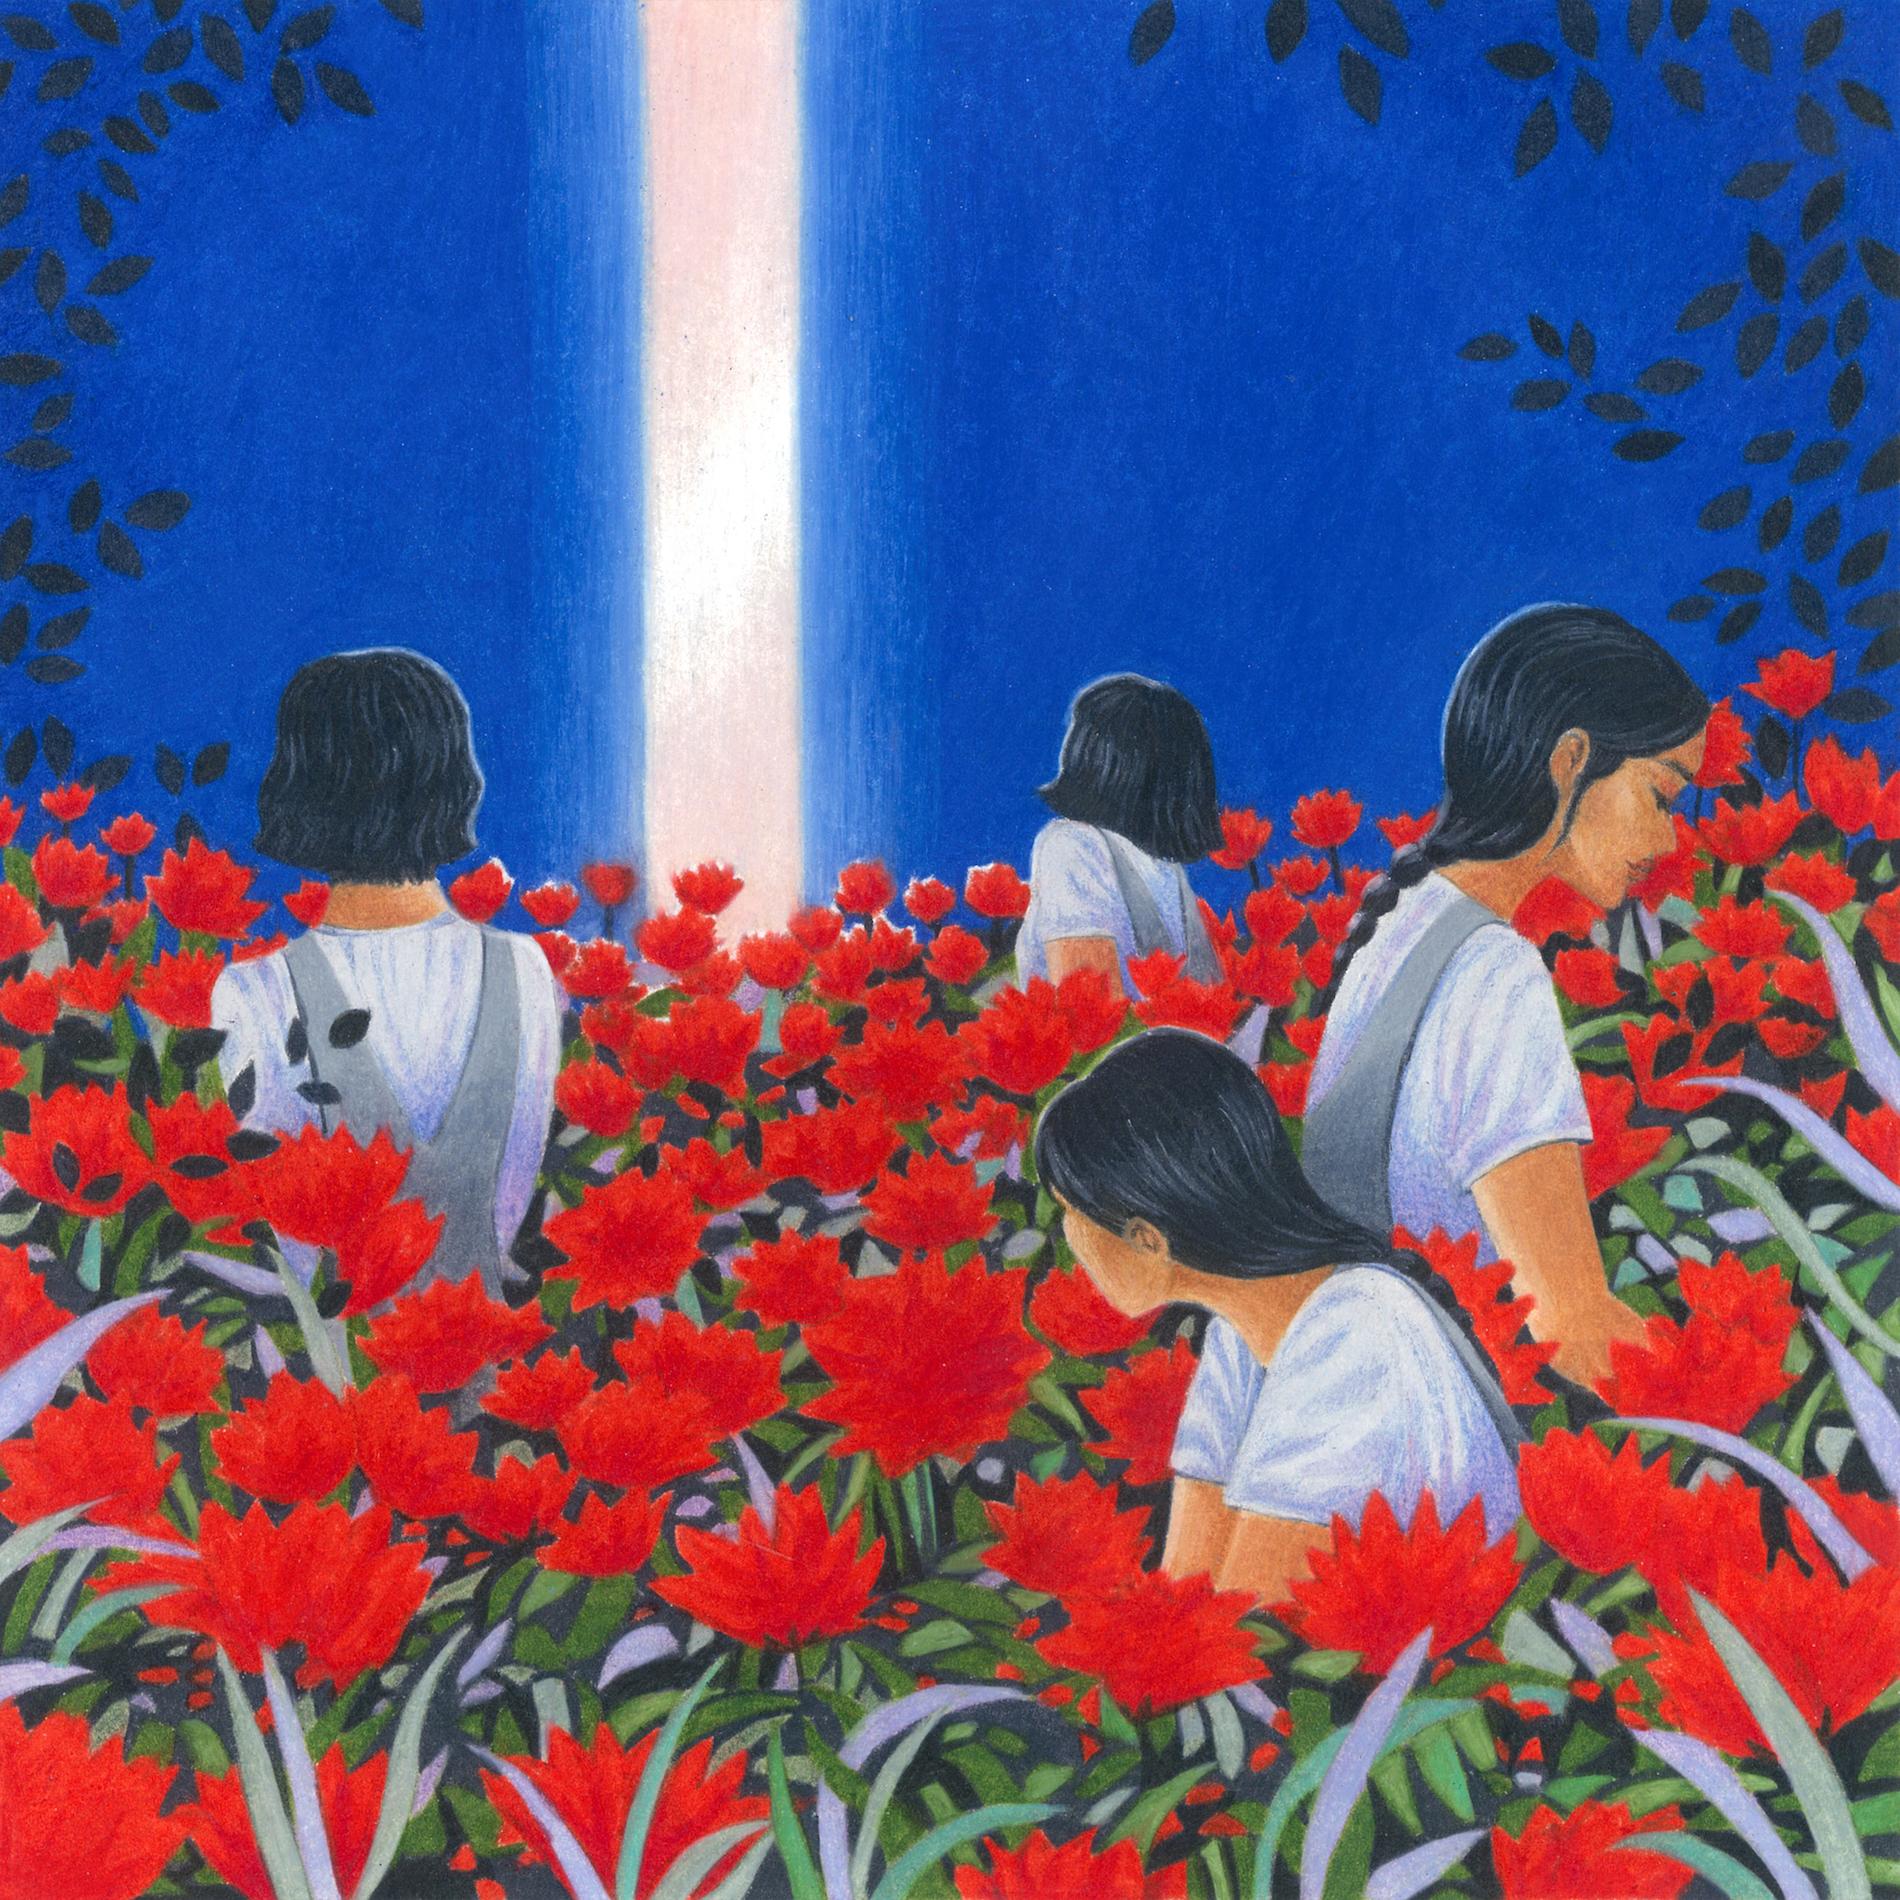 rayon de lumière, femmes brunes, fleurs rouges, ciel bleu